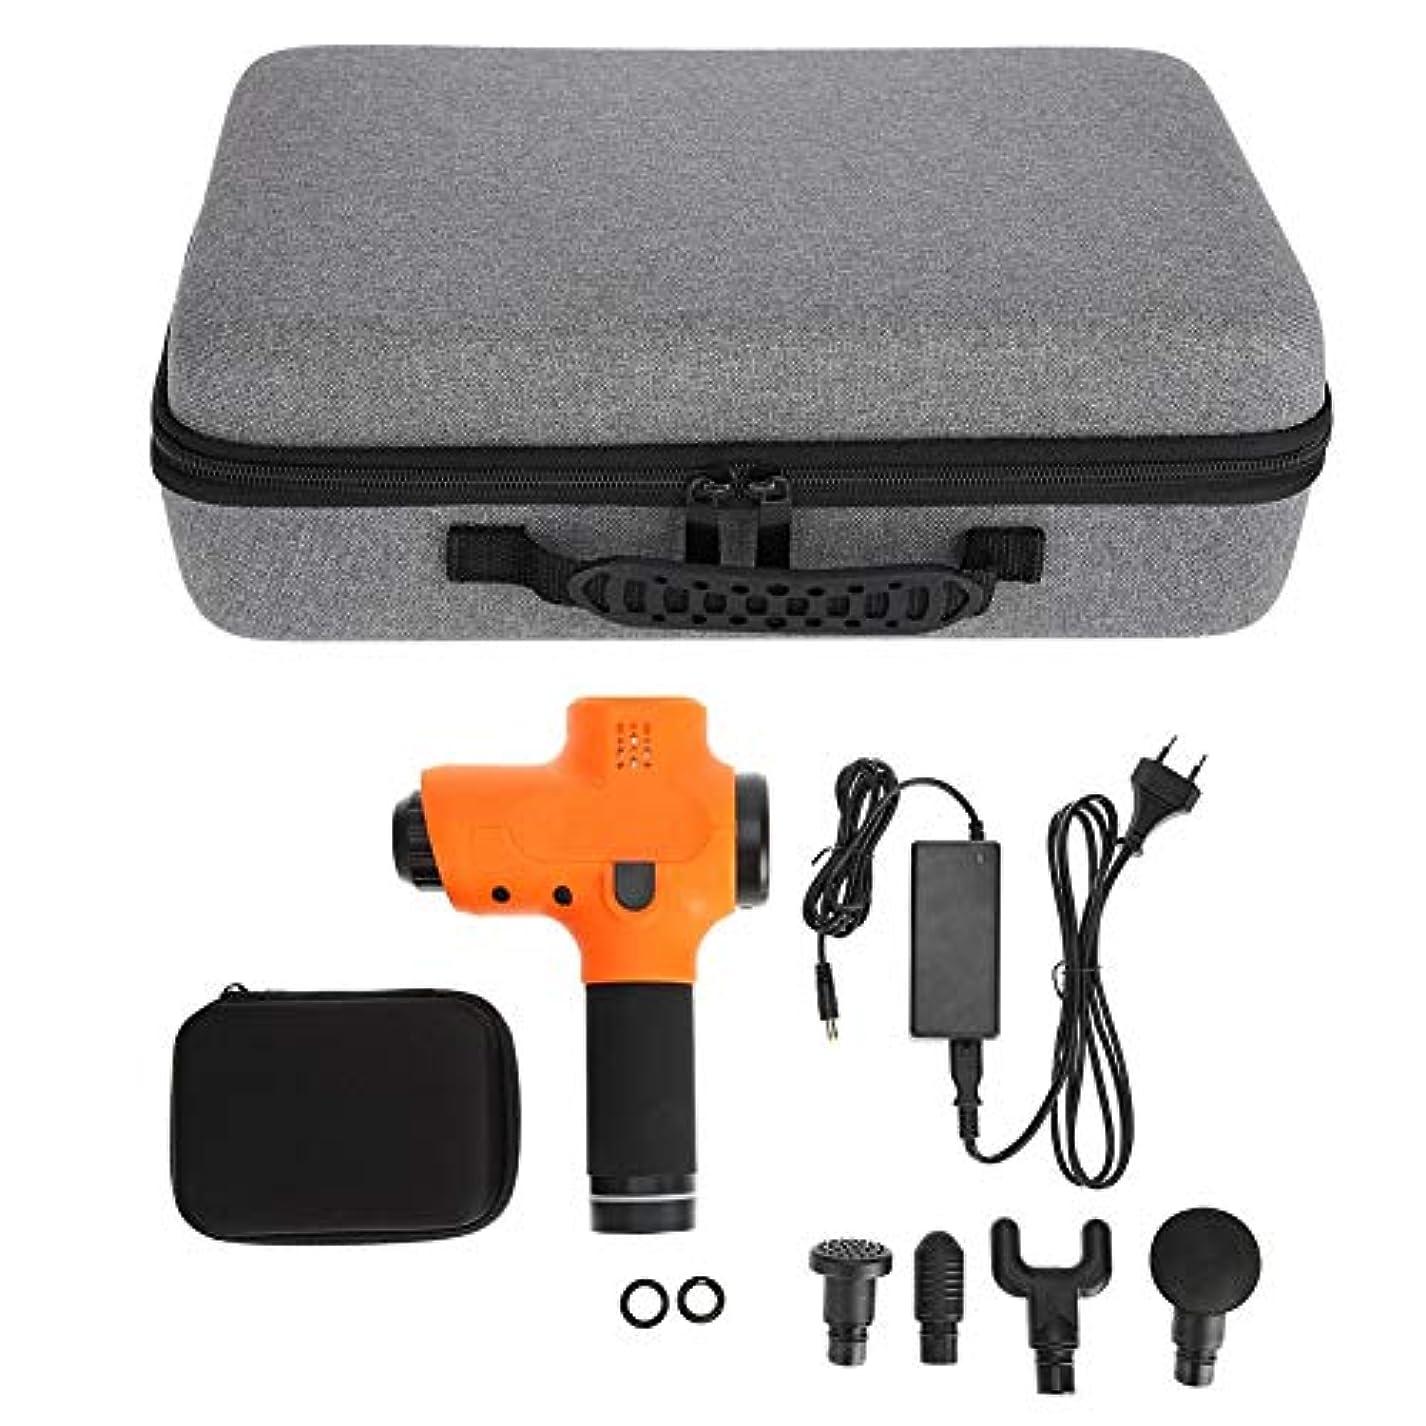 失態くしゃみ頑張る筋膜マッサージ銃、コードレスハンドヘルドディープティッシュ&マッスルマッサージ、ボディリラクゼーションマッサージ機(US Plug)